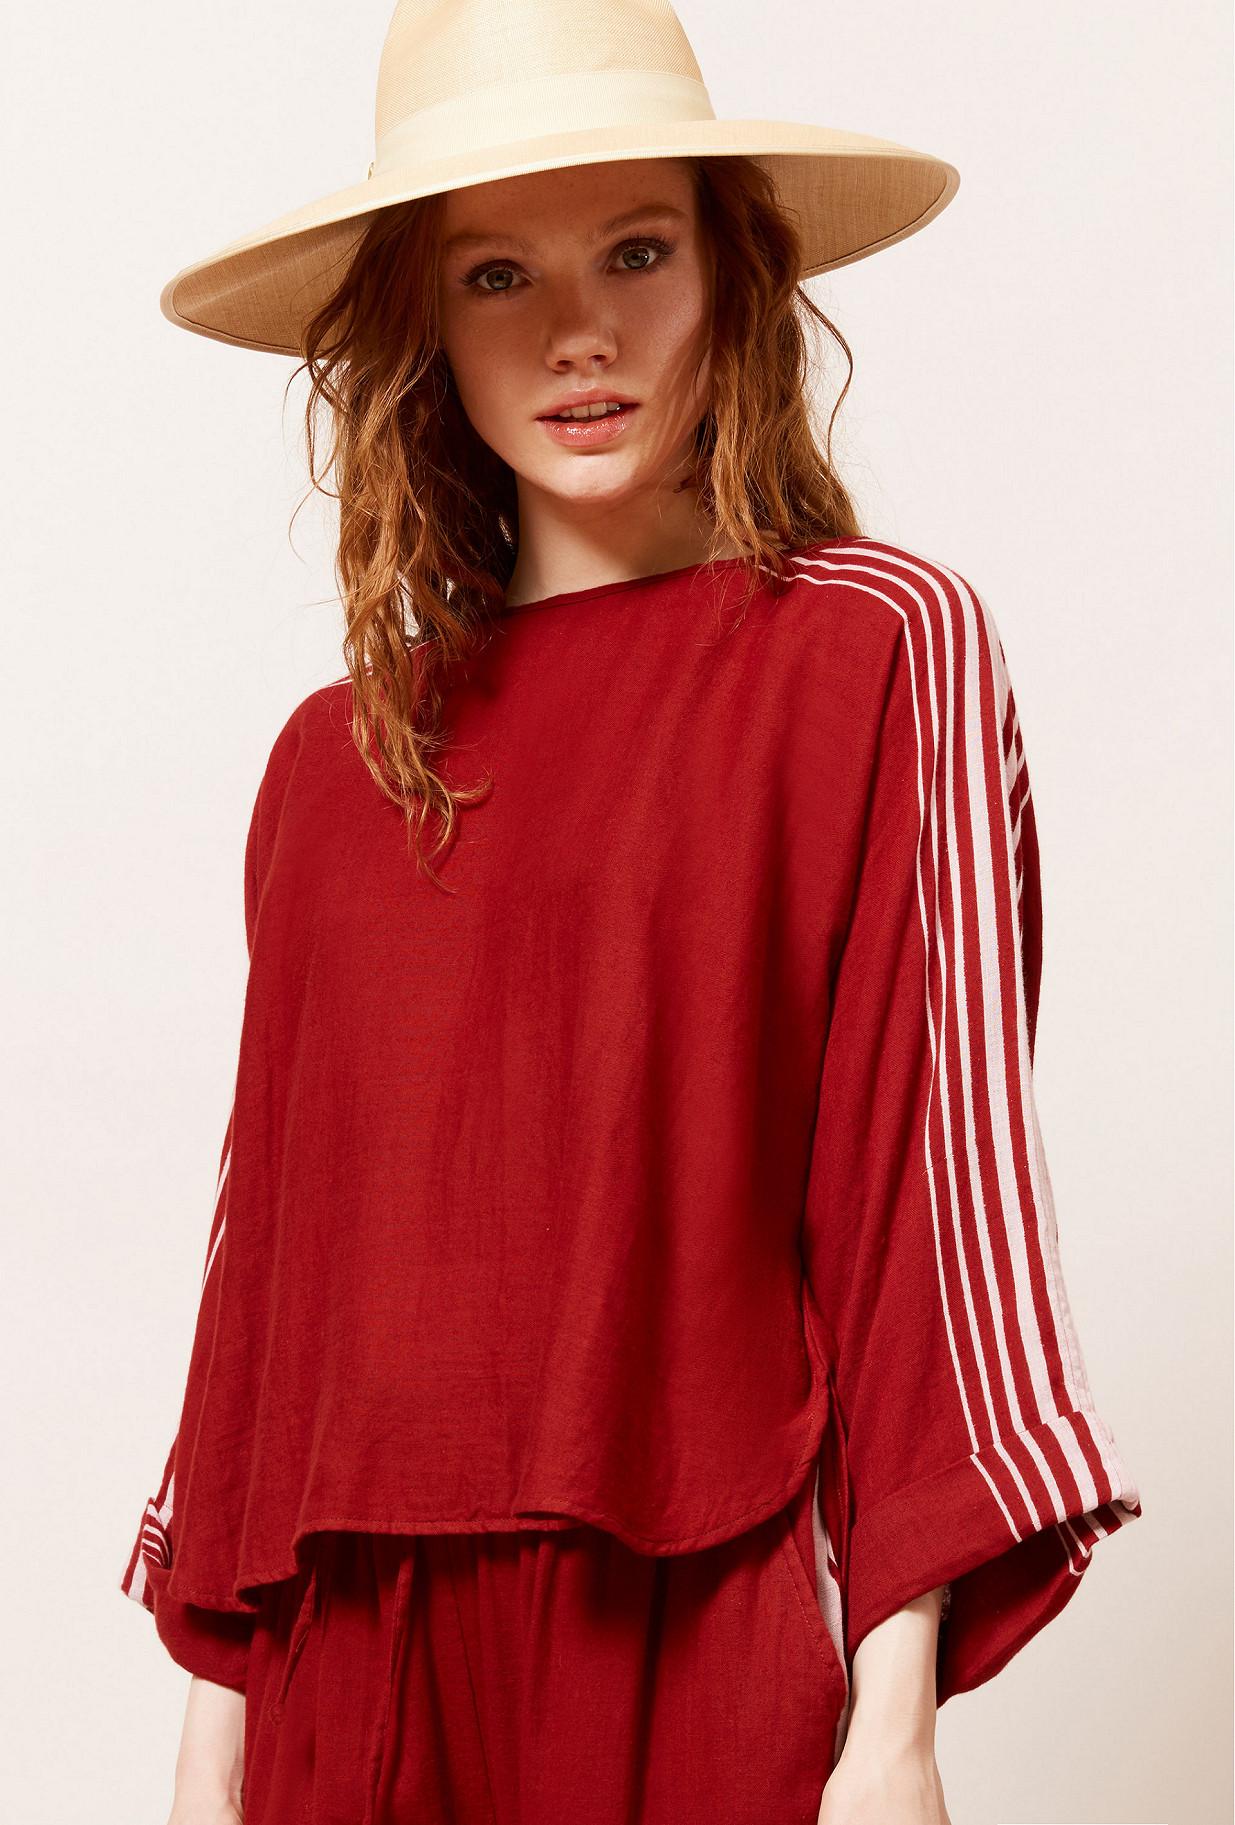 Red  Blouse  Avantstella Mes demoiselles fashion clothes designer Paris